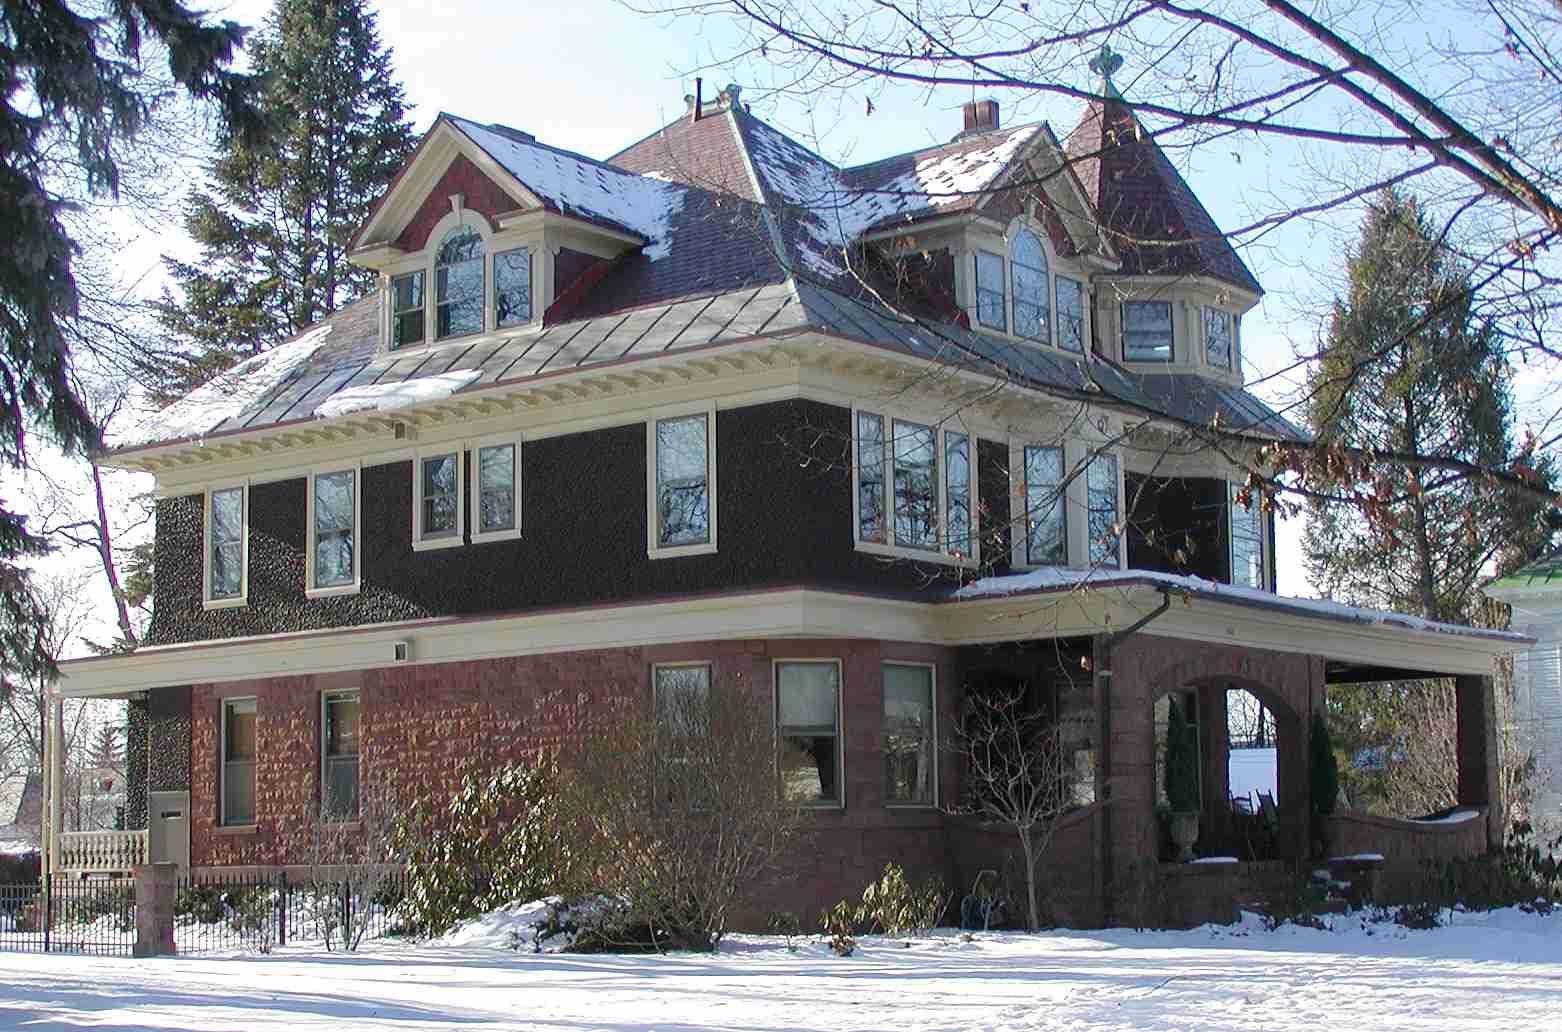 Maison Queen Anne avec des détails néo-colonial